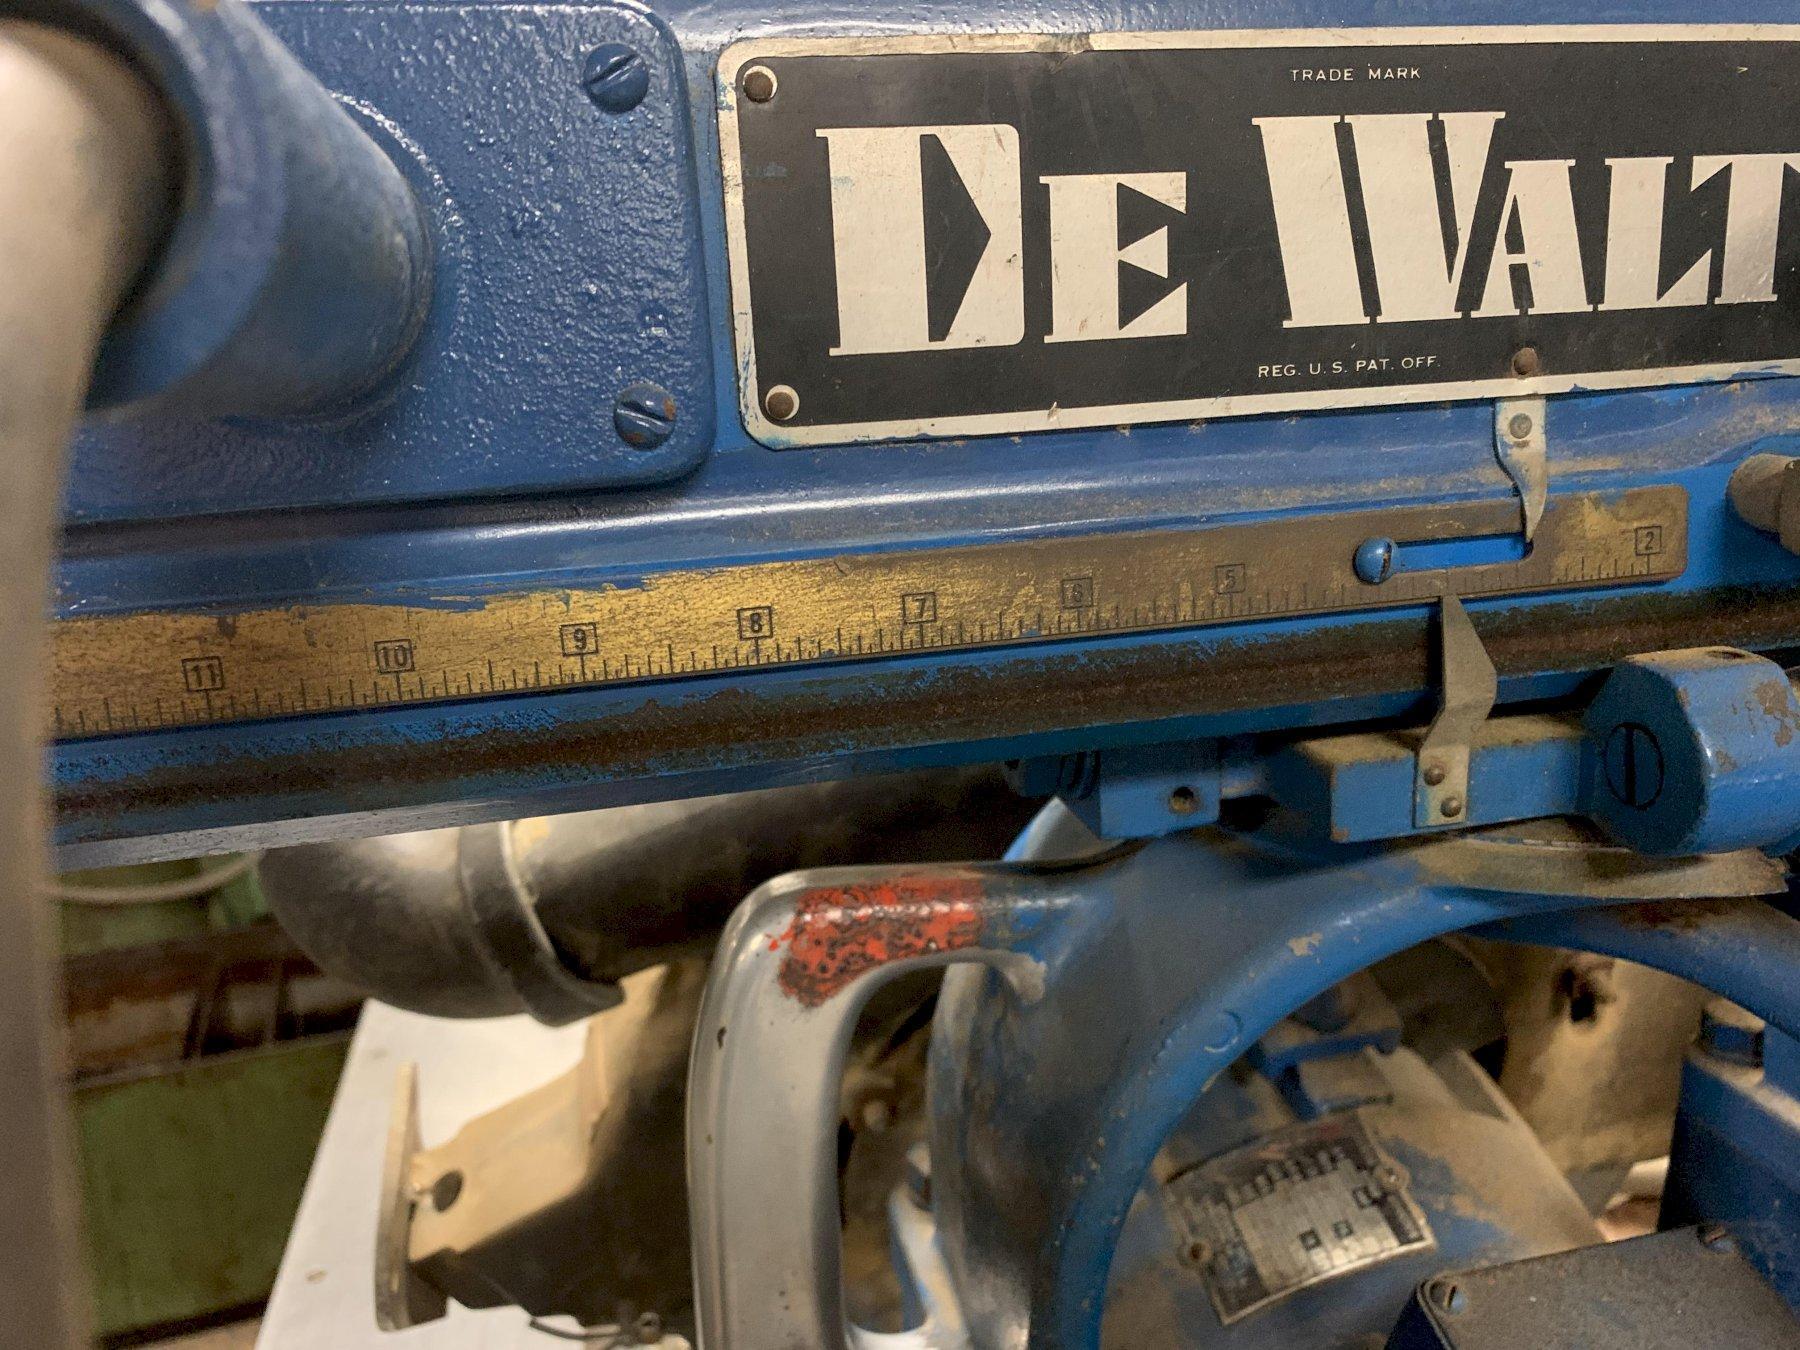 Dewalt Model GE-66 Radial Arm Saw